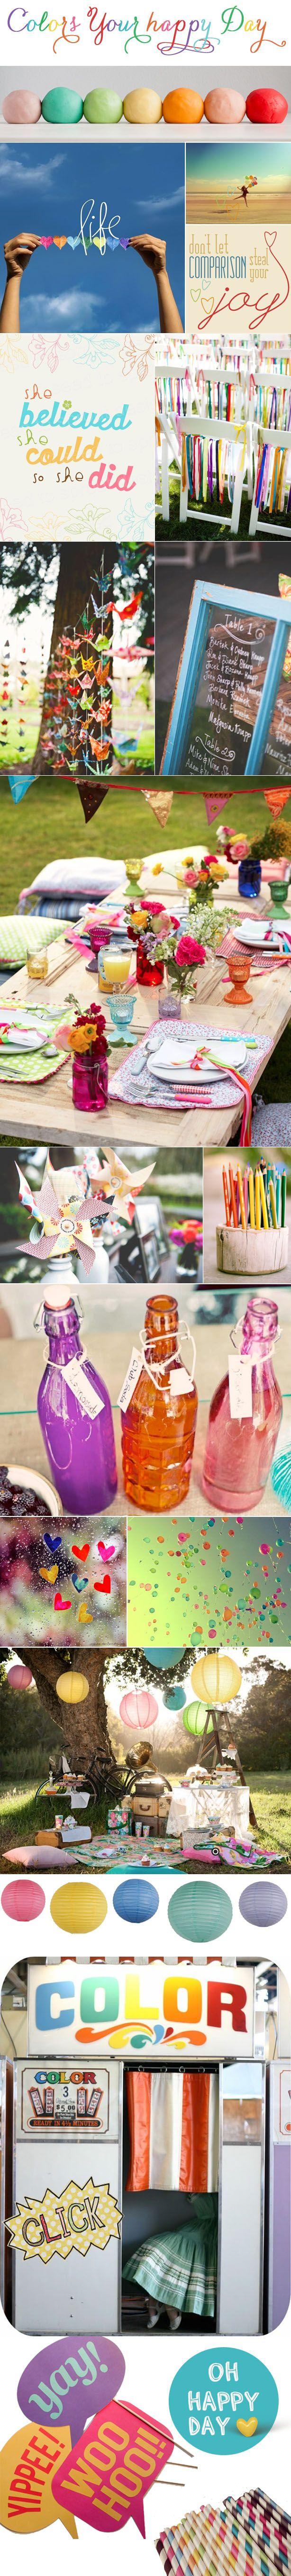 carnet de tendance : un mariage coloré. J'aime surtout les fleurs colorées sur des tables assez classiques, et les pailles